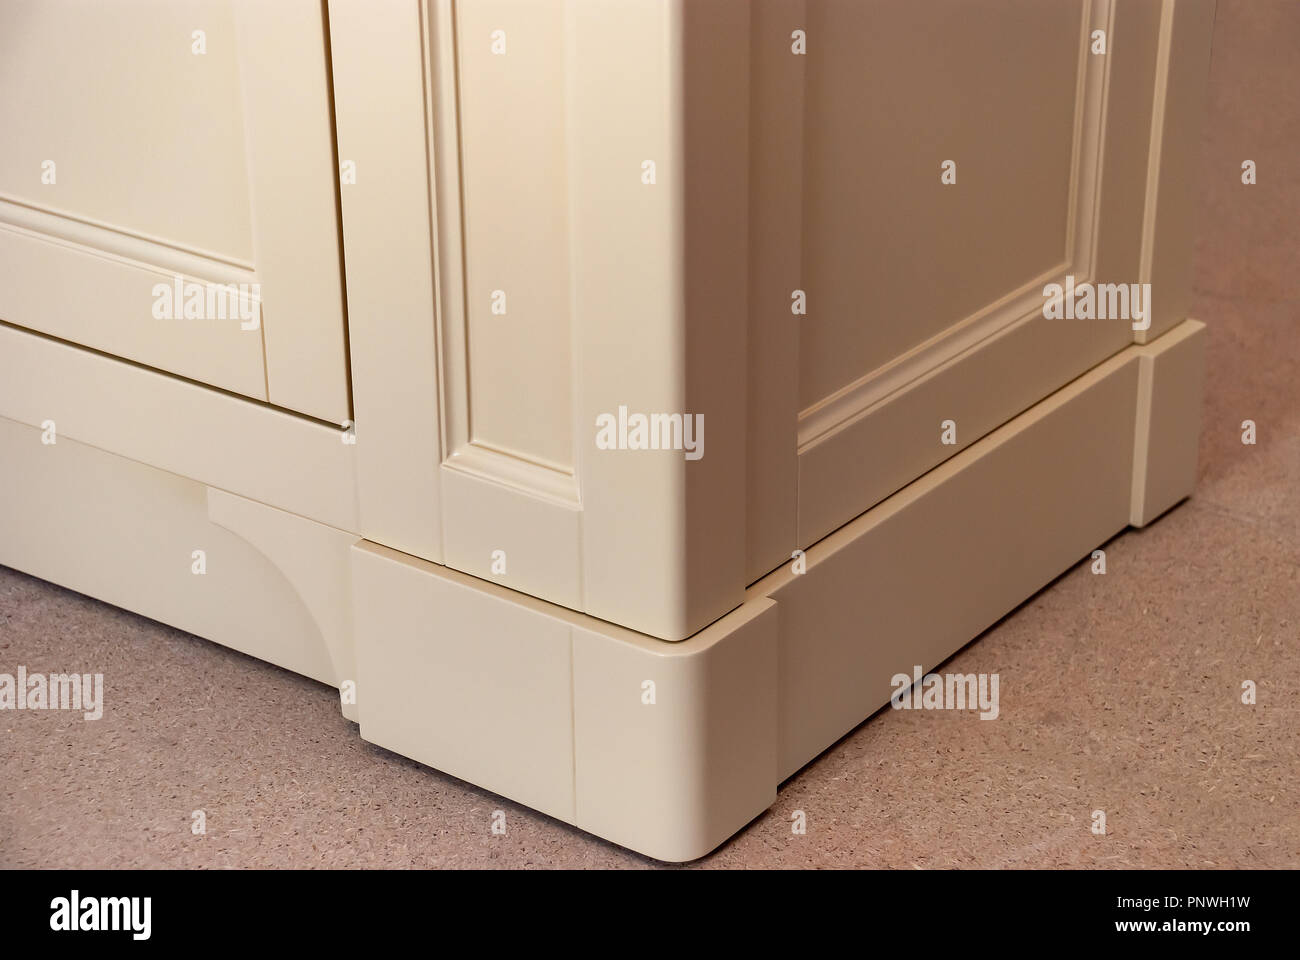 Badezimmer Waschtisch Schrank für zwei Waschbecken. Klassische Möbel ...